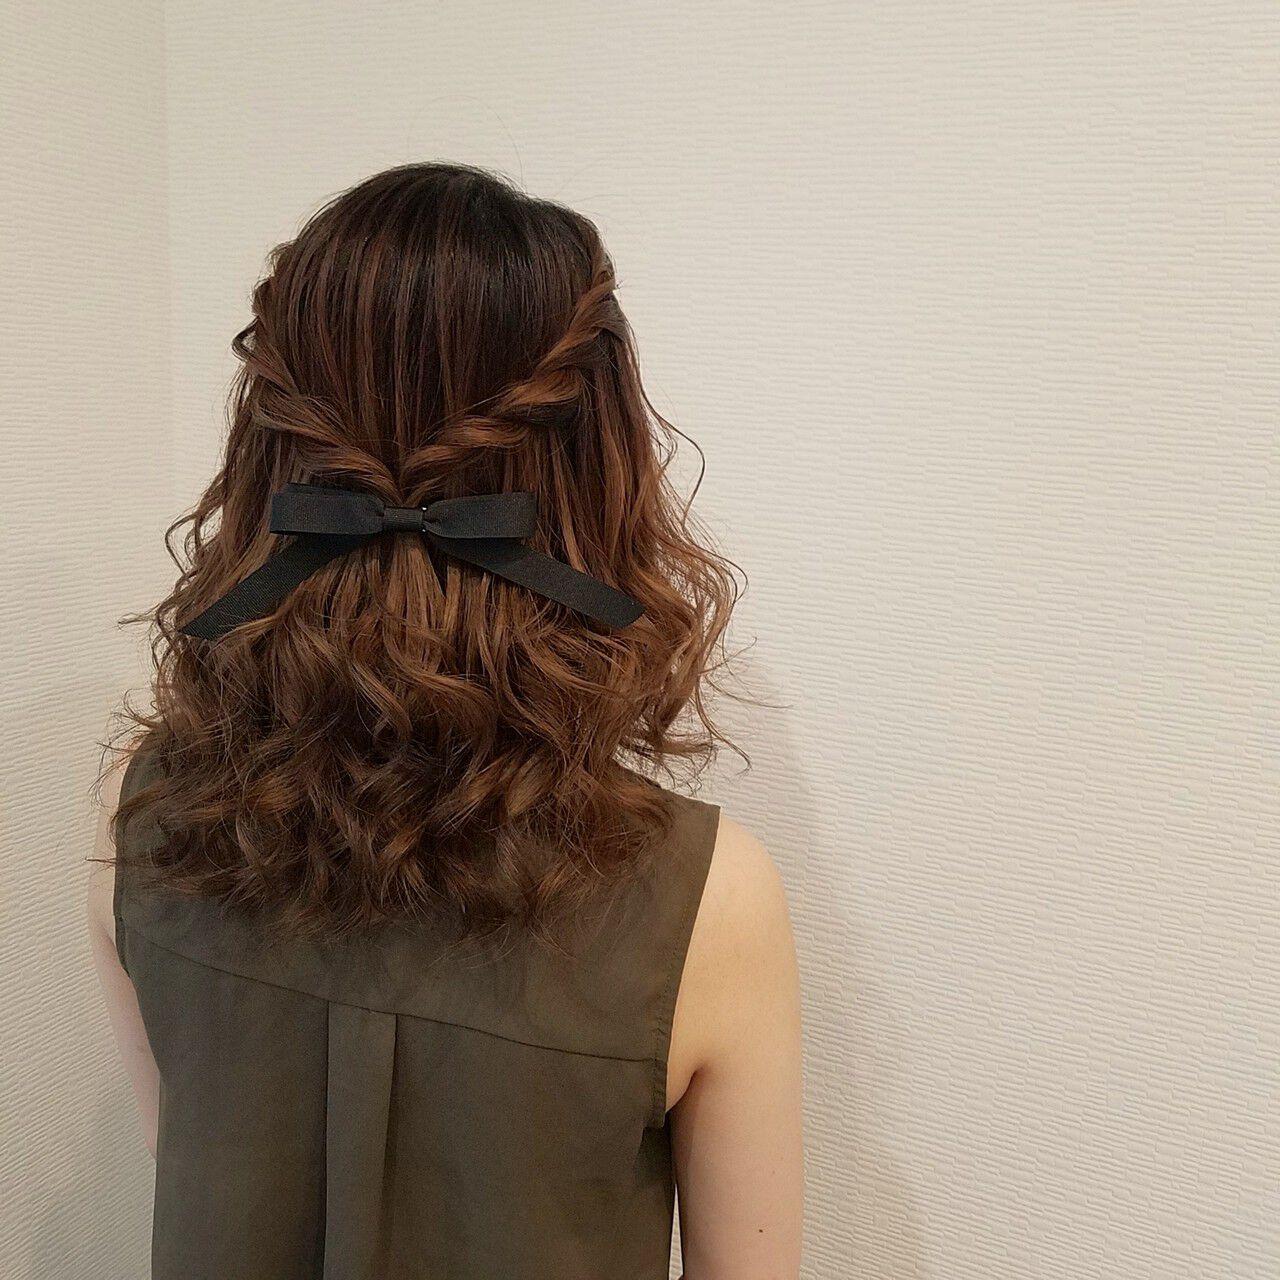 ハーフアップ ミディアム フェミニン ねじりヘアスタイルや髪型の写真・画像